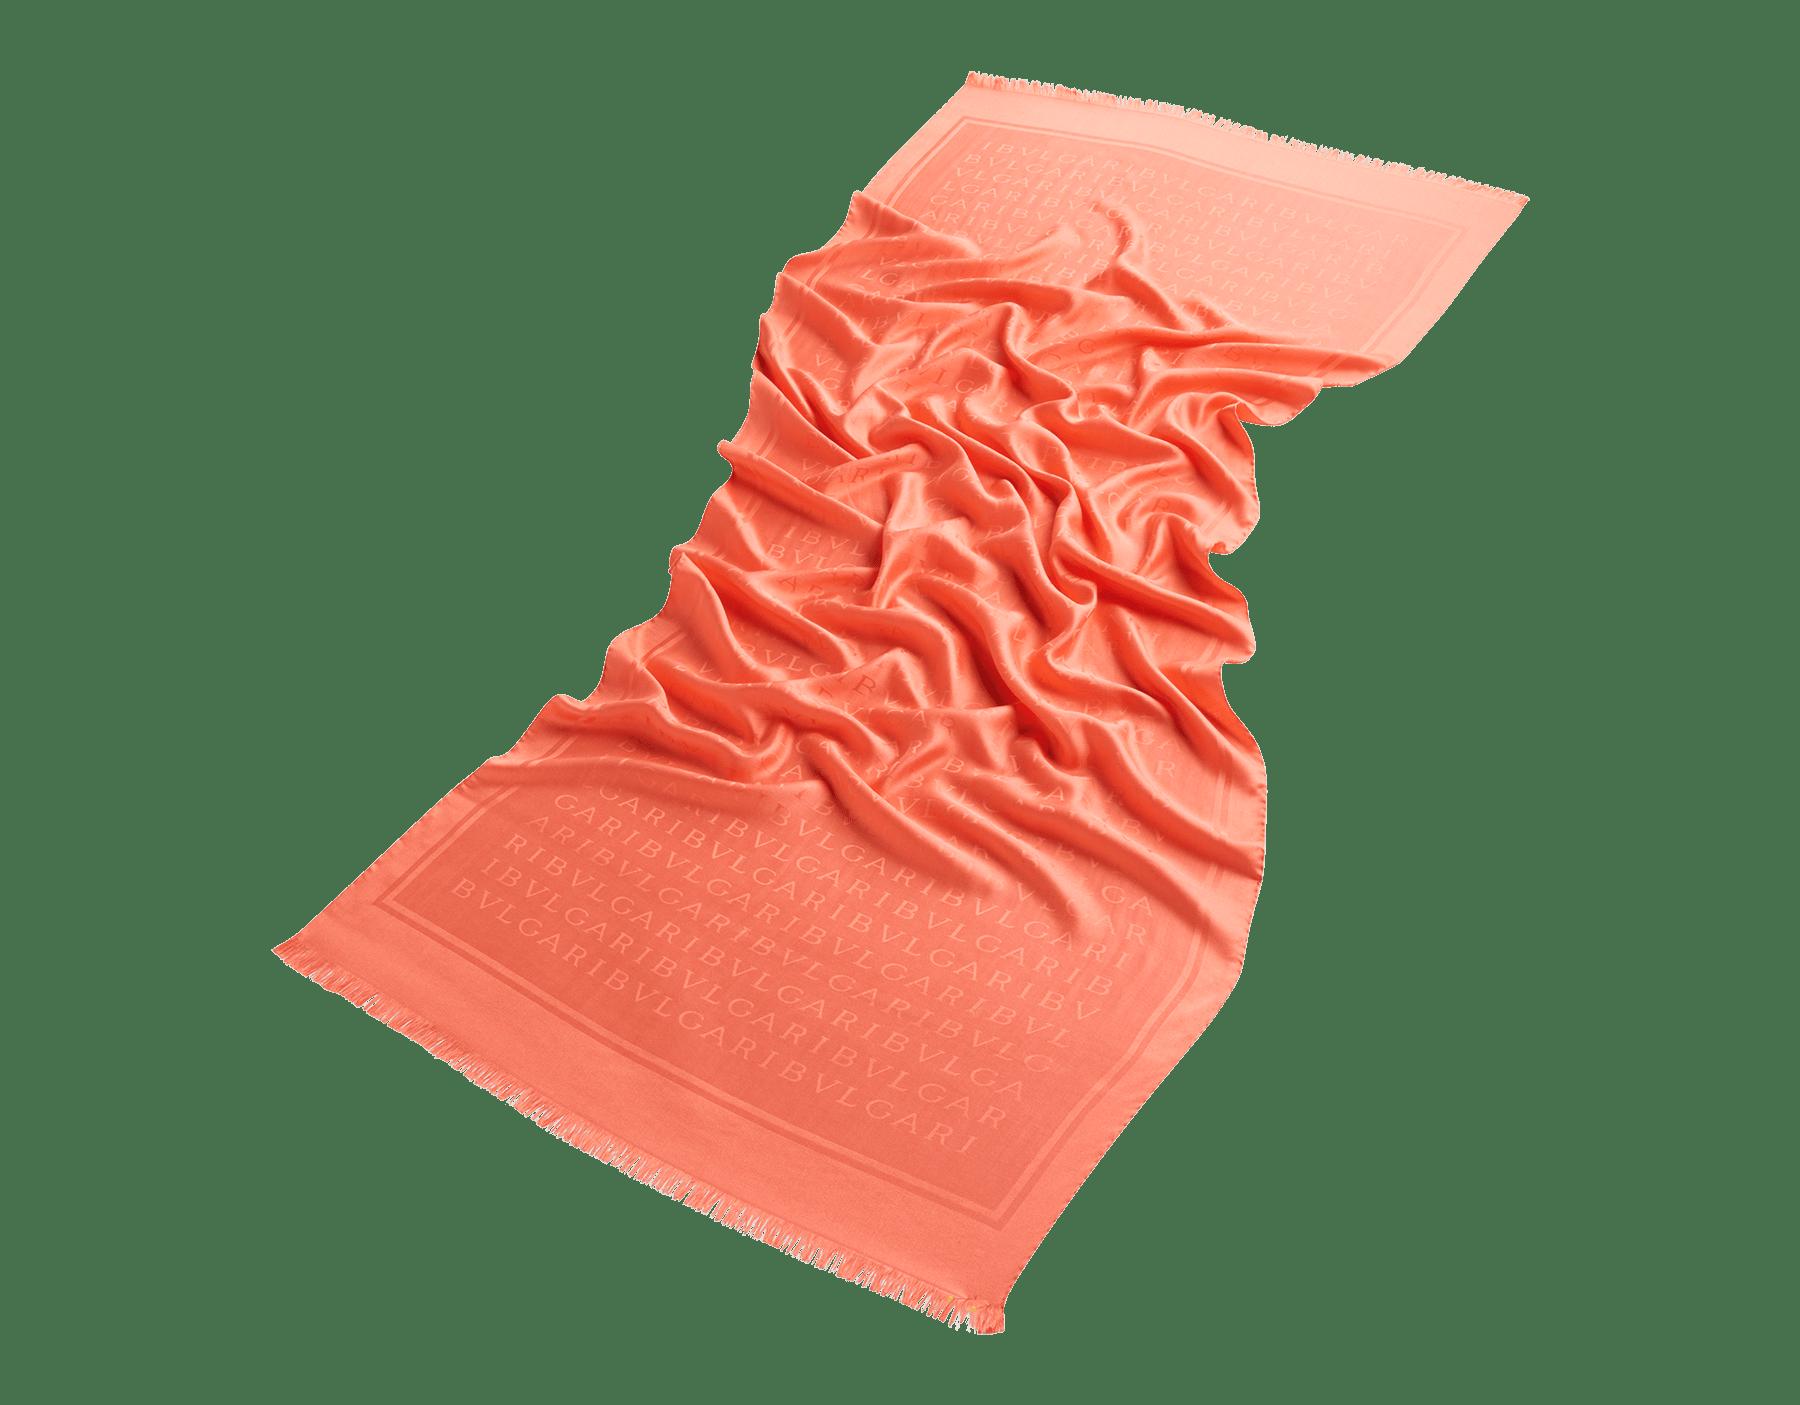 Silky Coral Lettere Maxi Light stole in fine silk. 244058 image 2